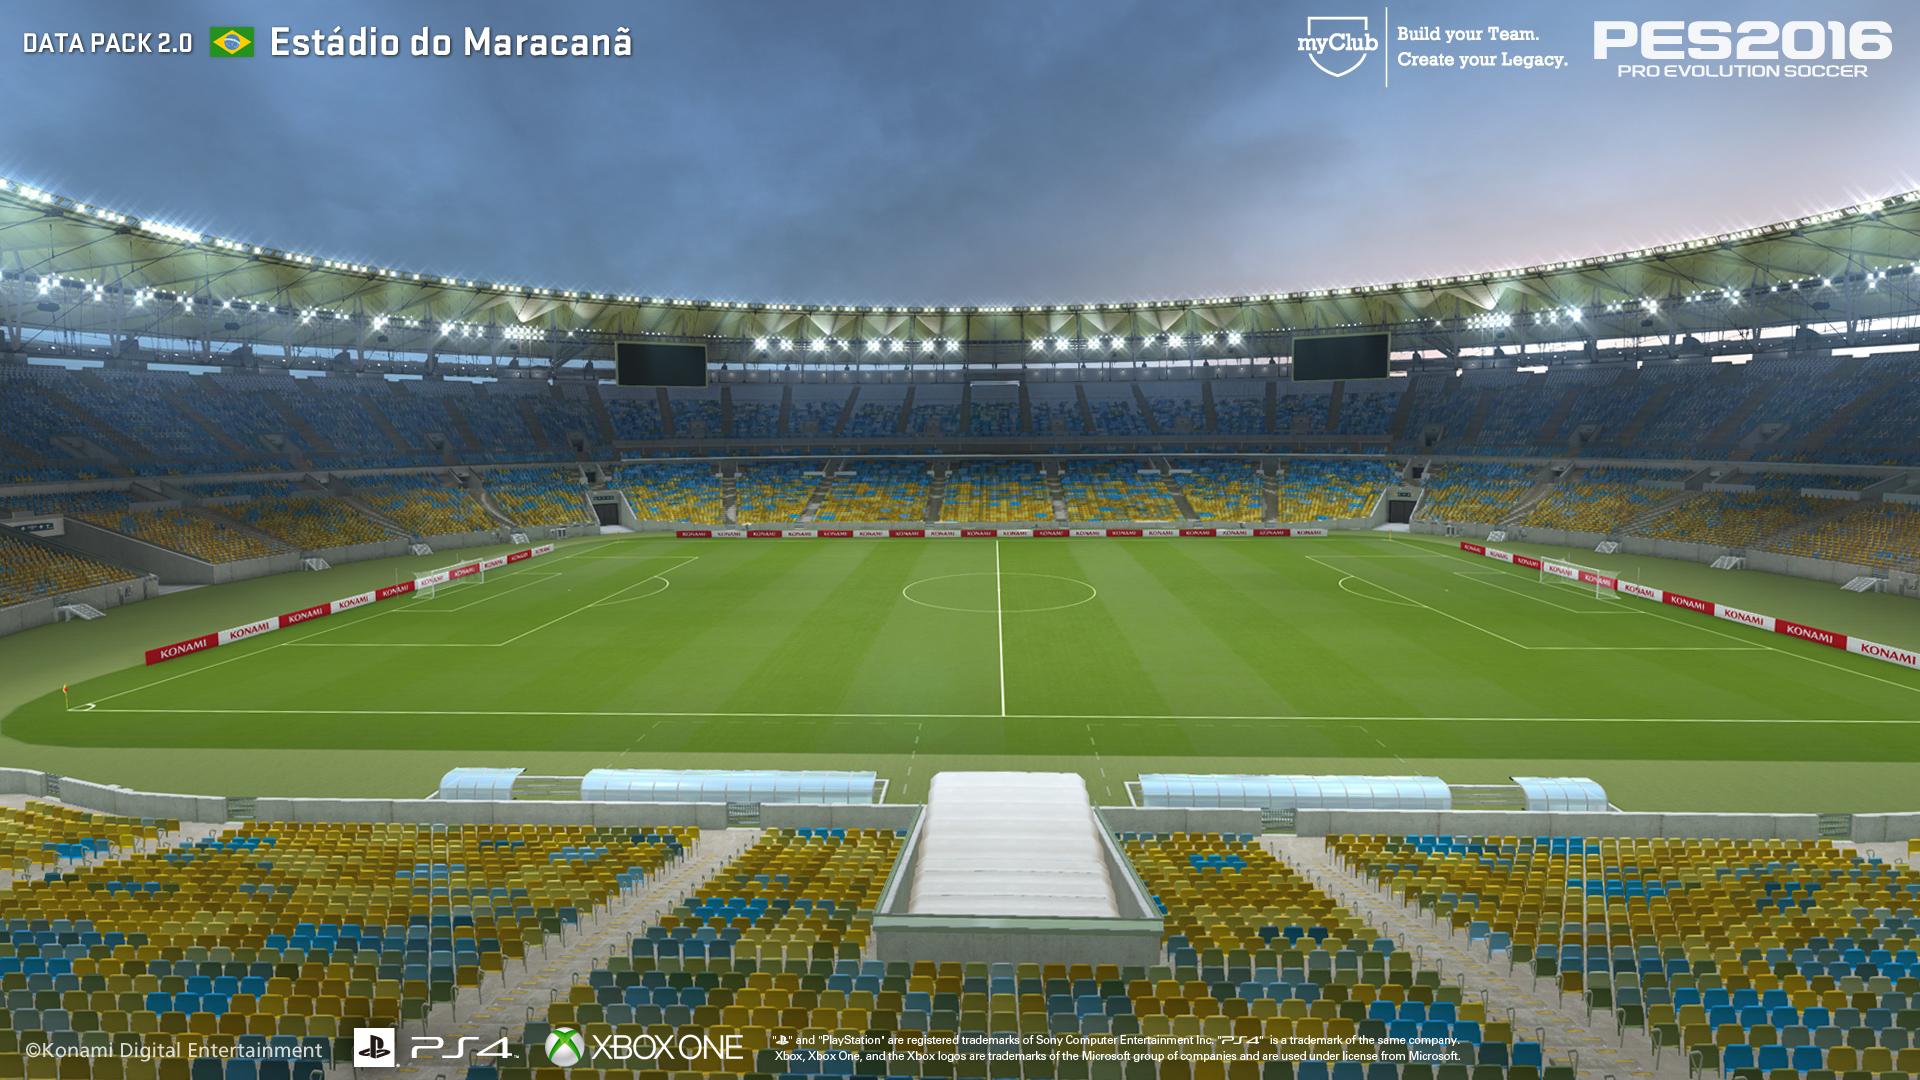 PES 2016 DP2 Estadio do Maracana_4